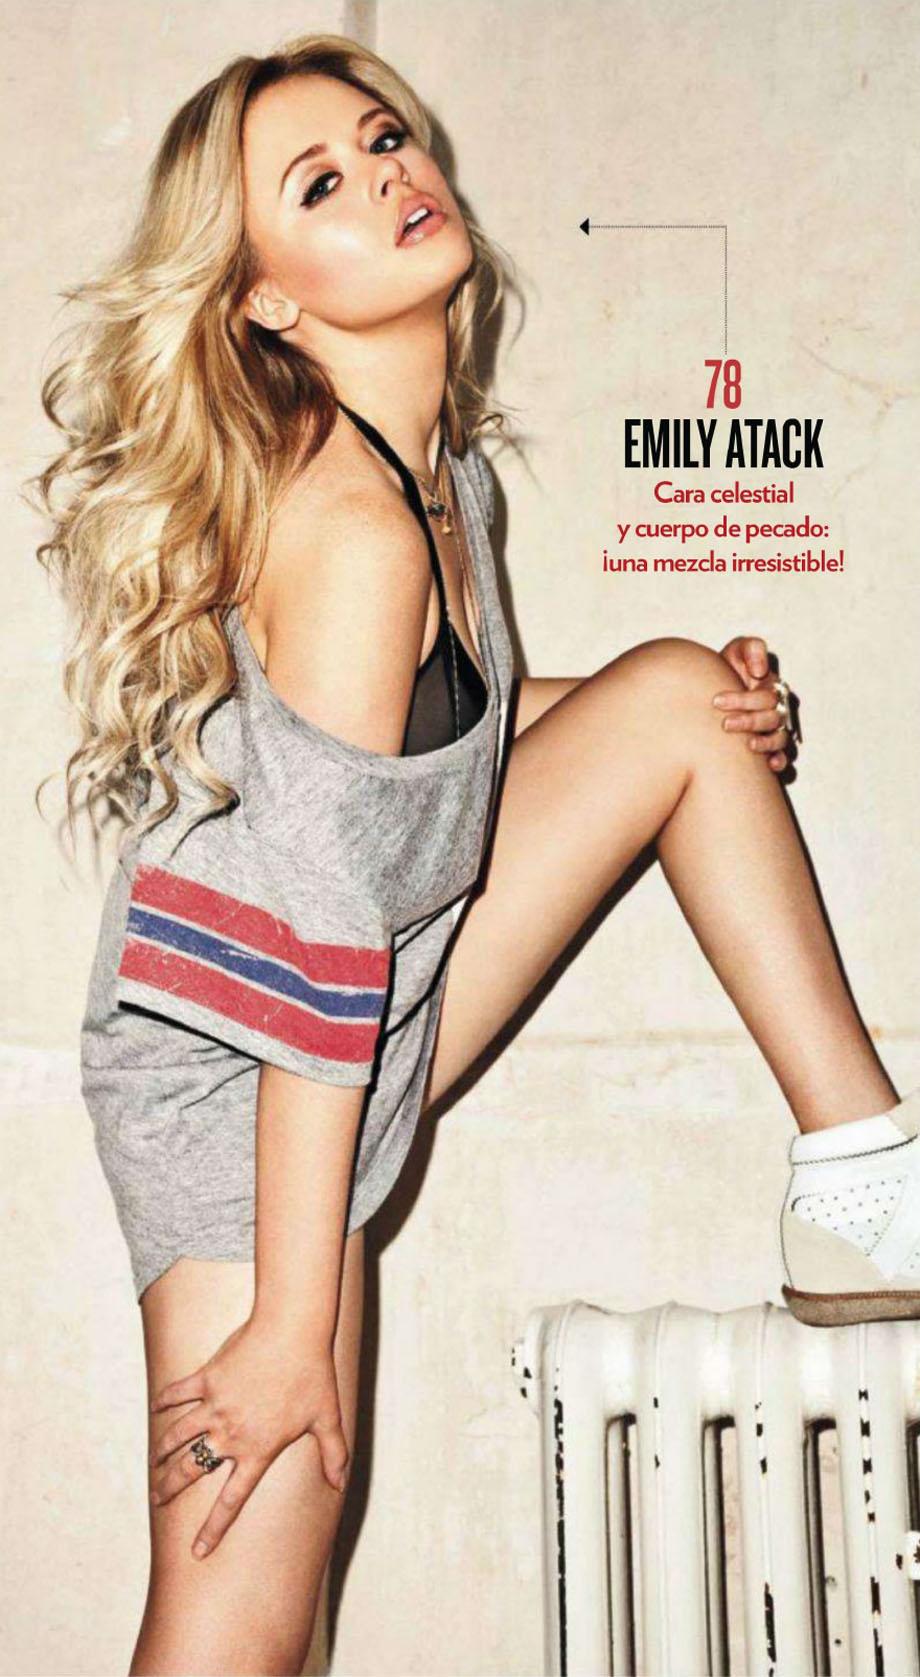 Emily Atack maak die heater warm